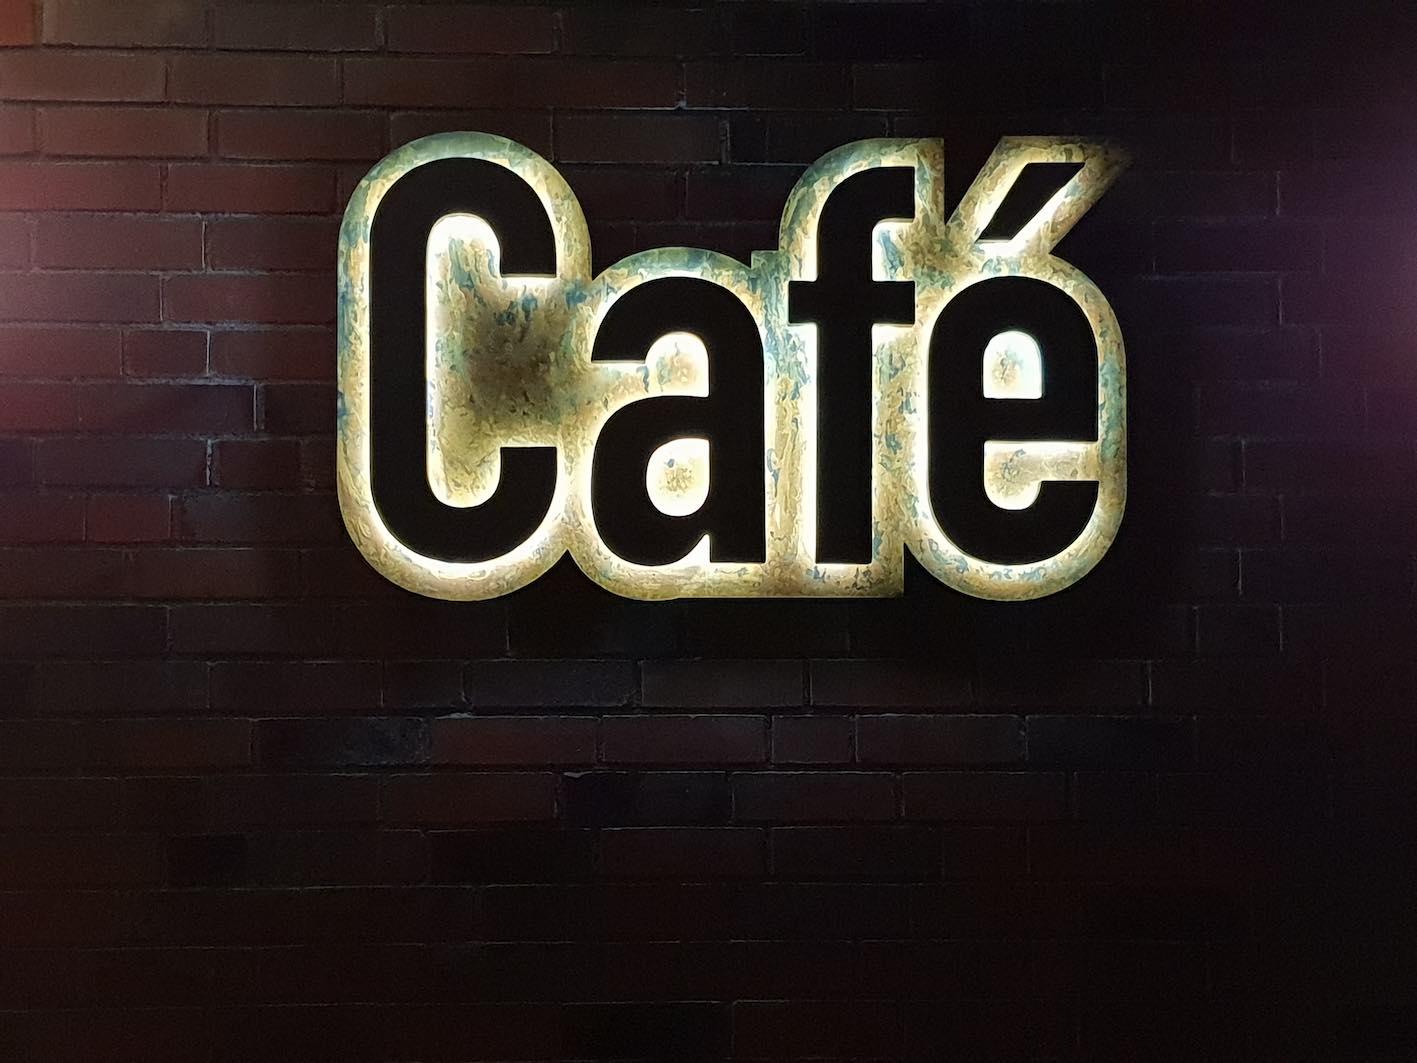 Cafe LED Einzelbuchstaben von hinten beleuchtet an Hauswand